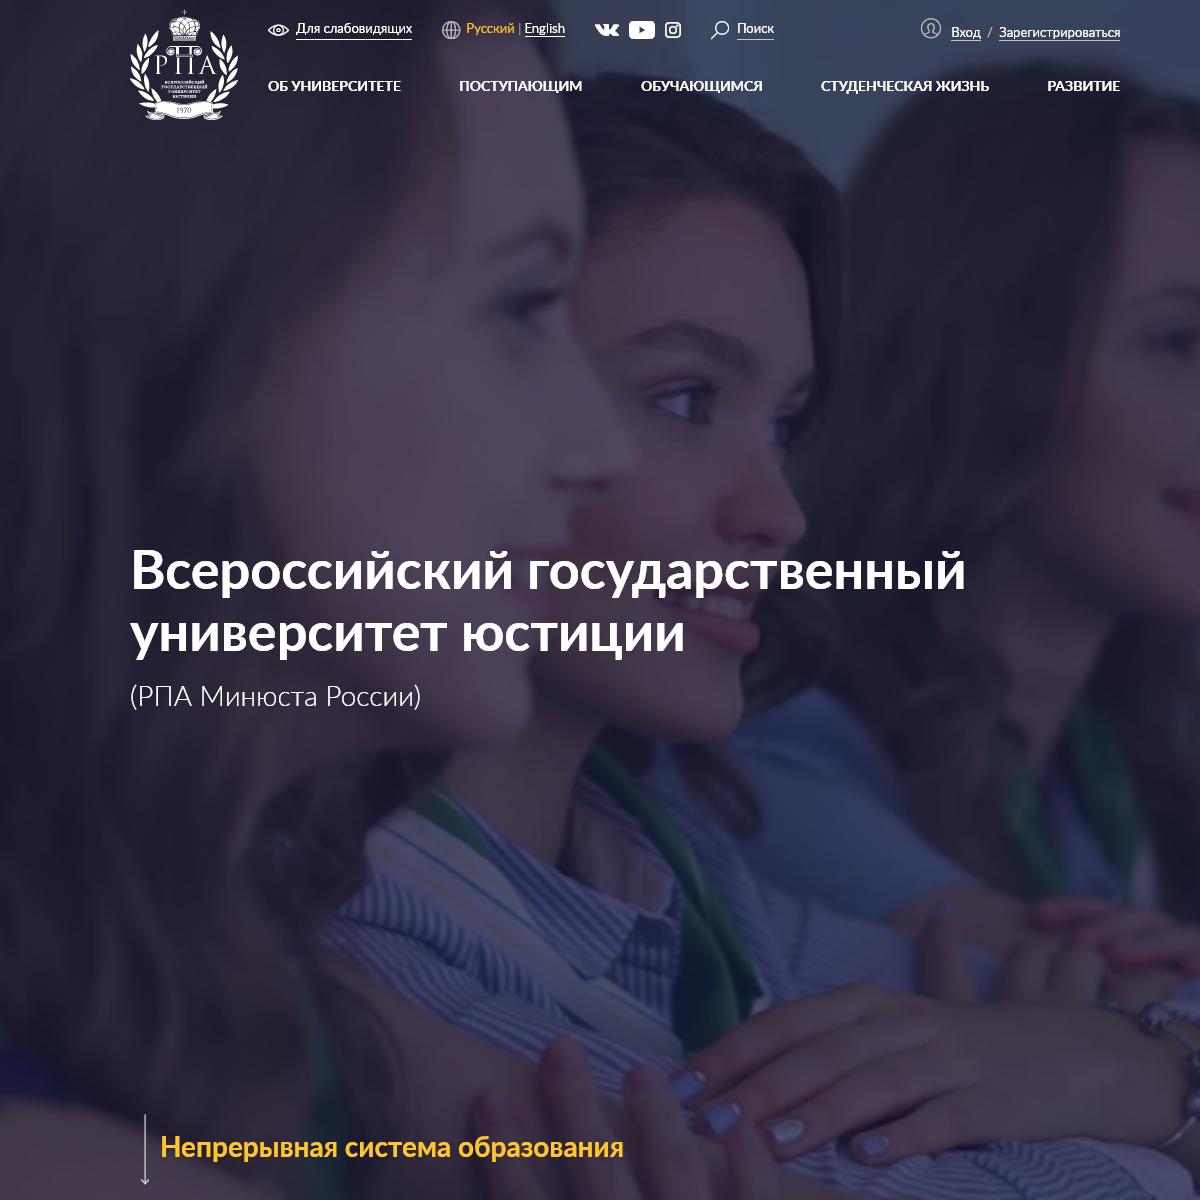 Всероссийский государственный университет юстиции (РПА Минюста Росс�